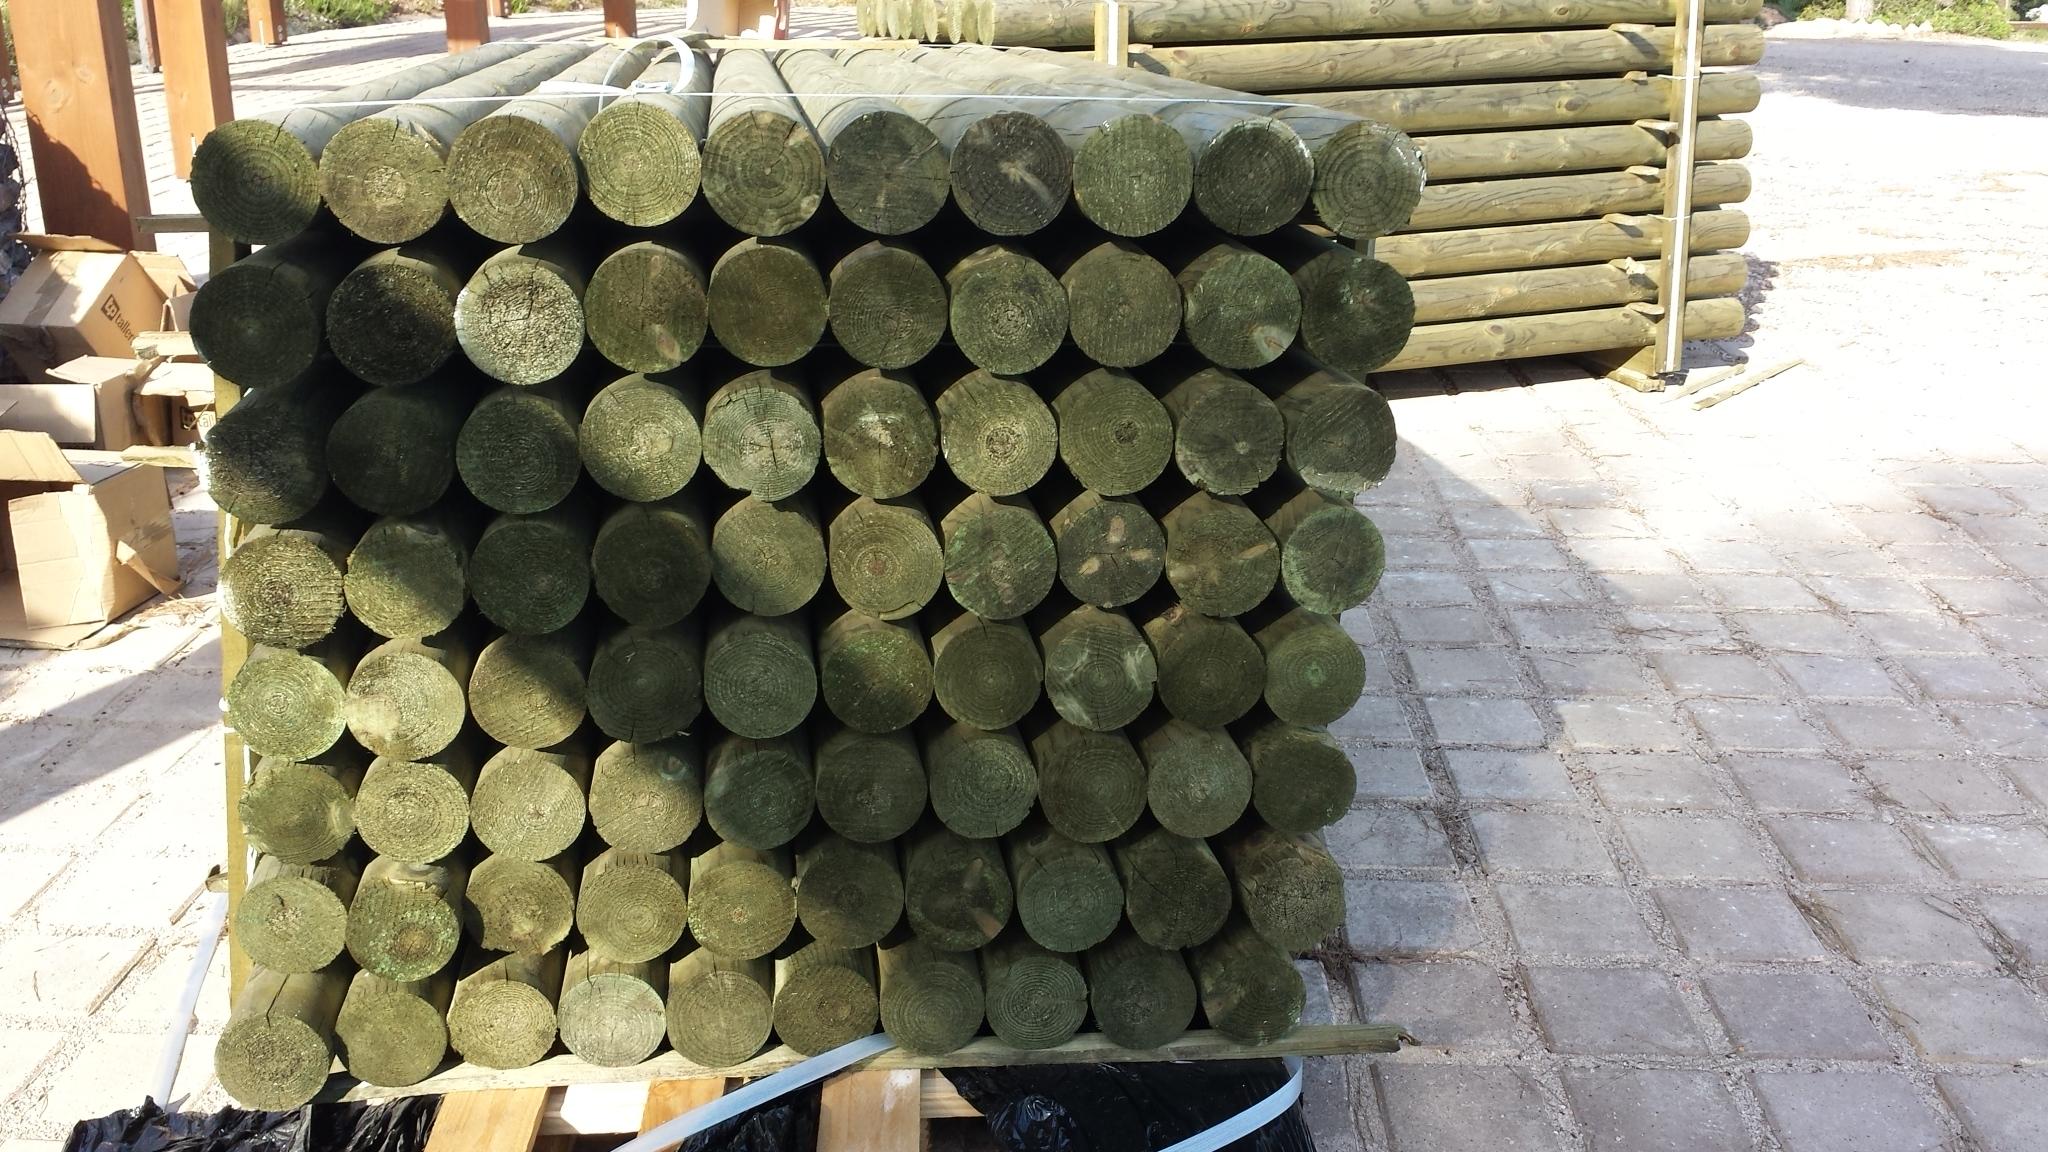 Cercados con postes de madera y malla rural anudada fincas - Autoclave para madera ...